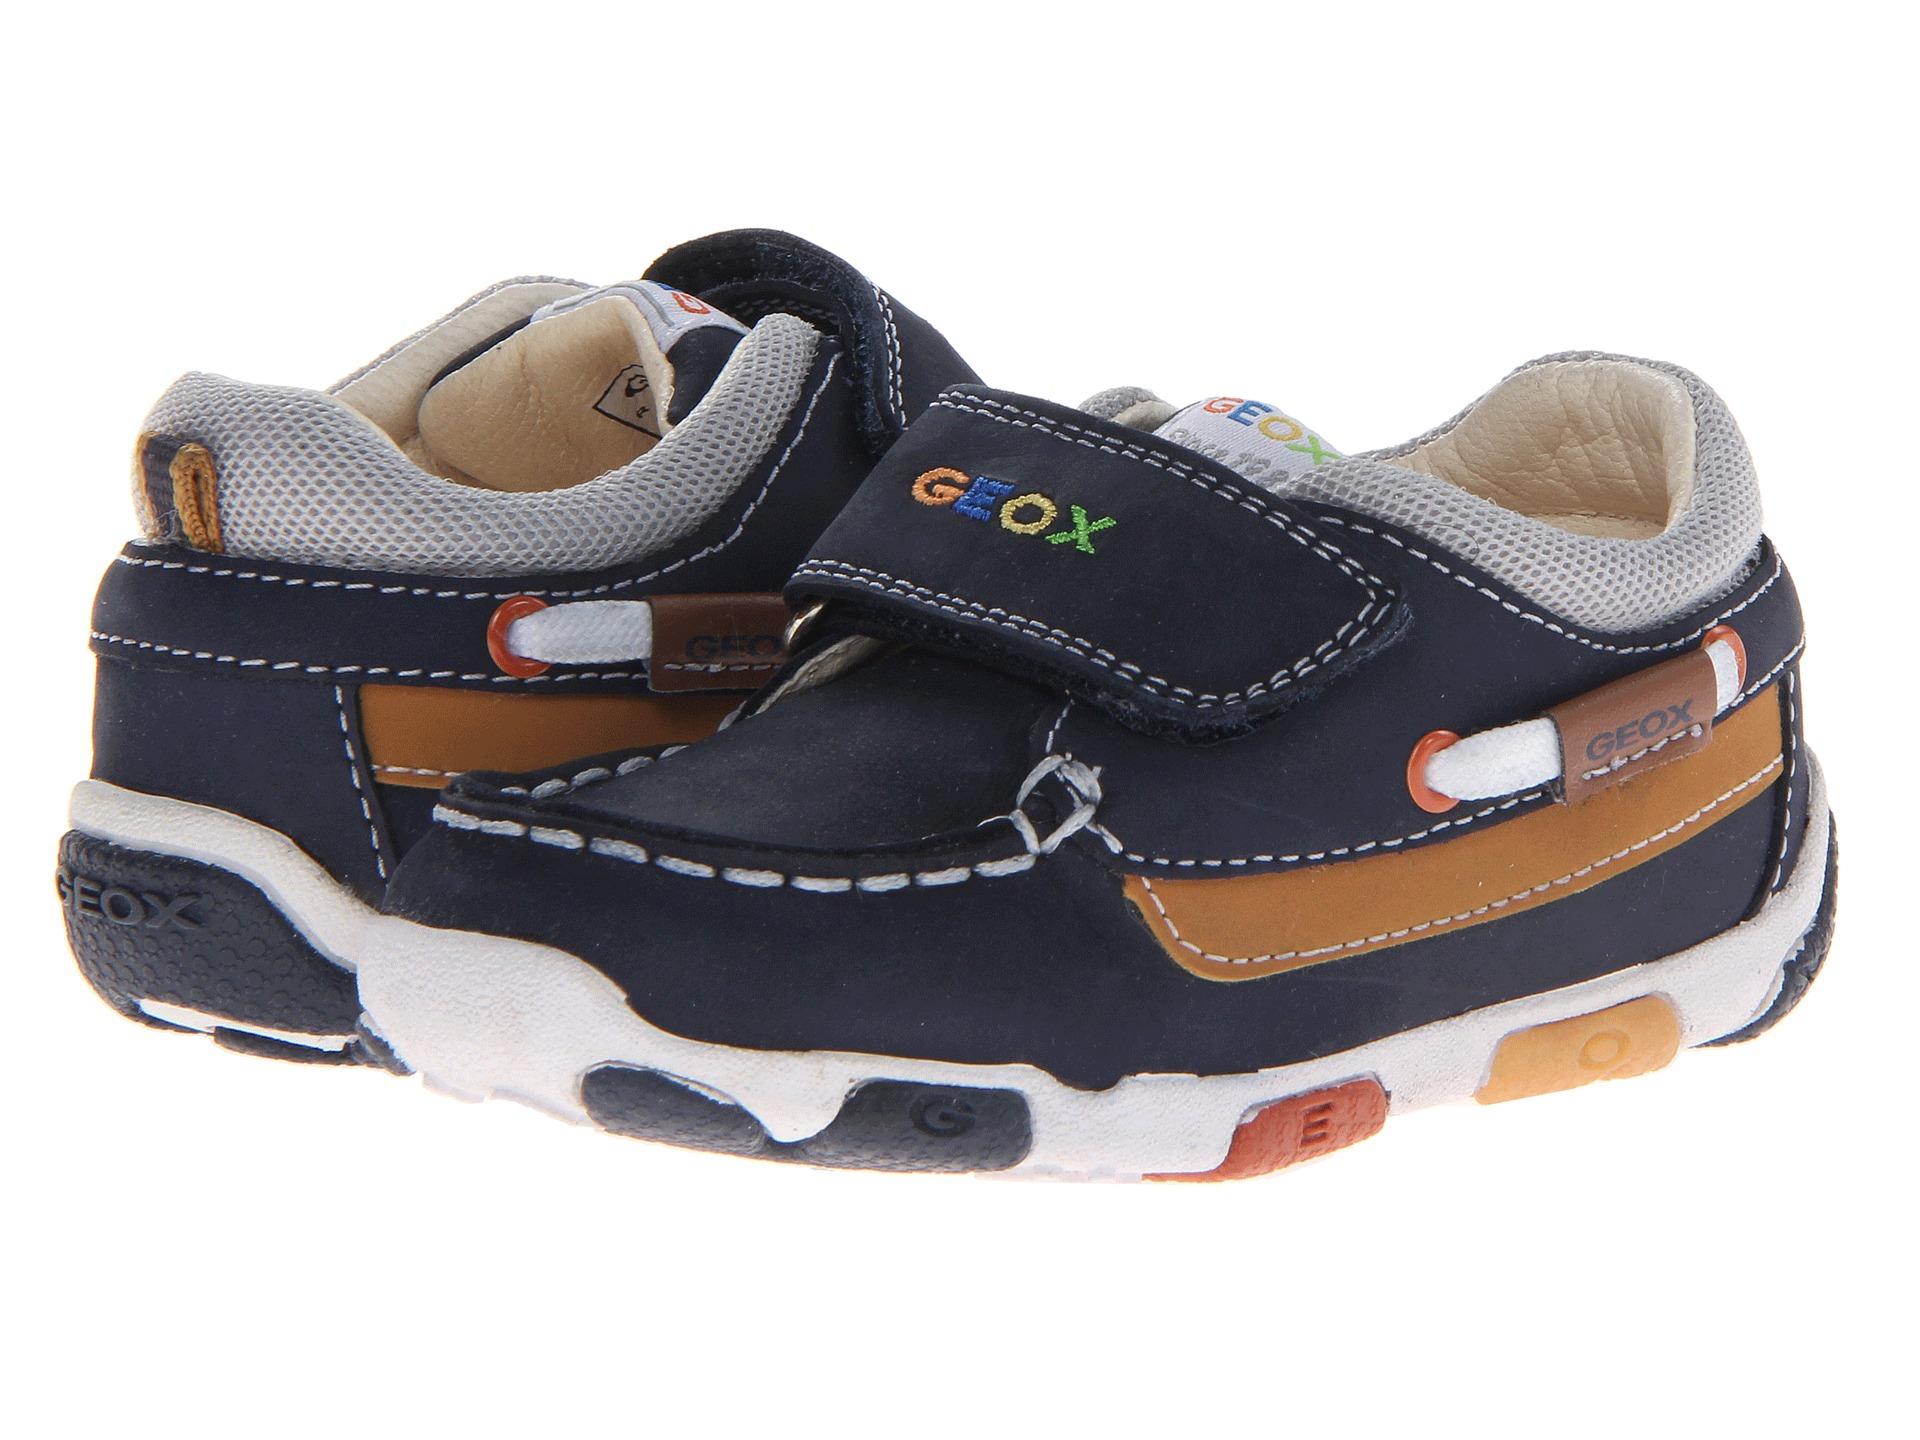 Geox Kids Baby Balu Boy Boat Shoe 27 Toddler Navy Light